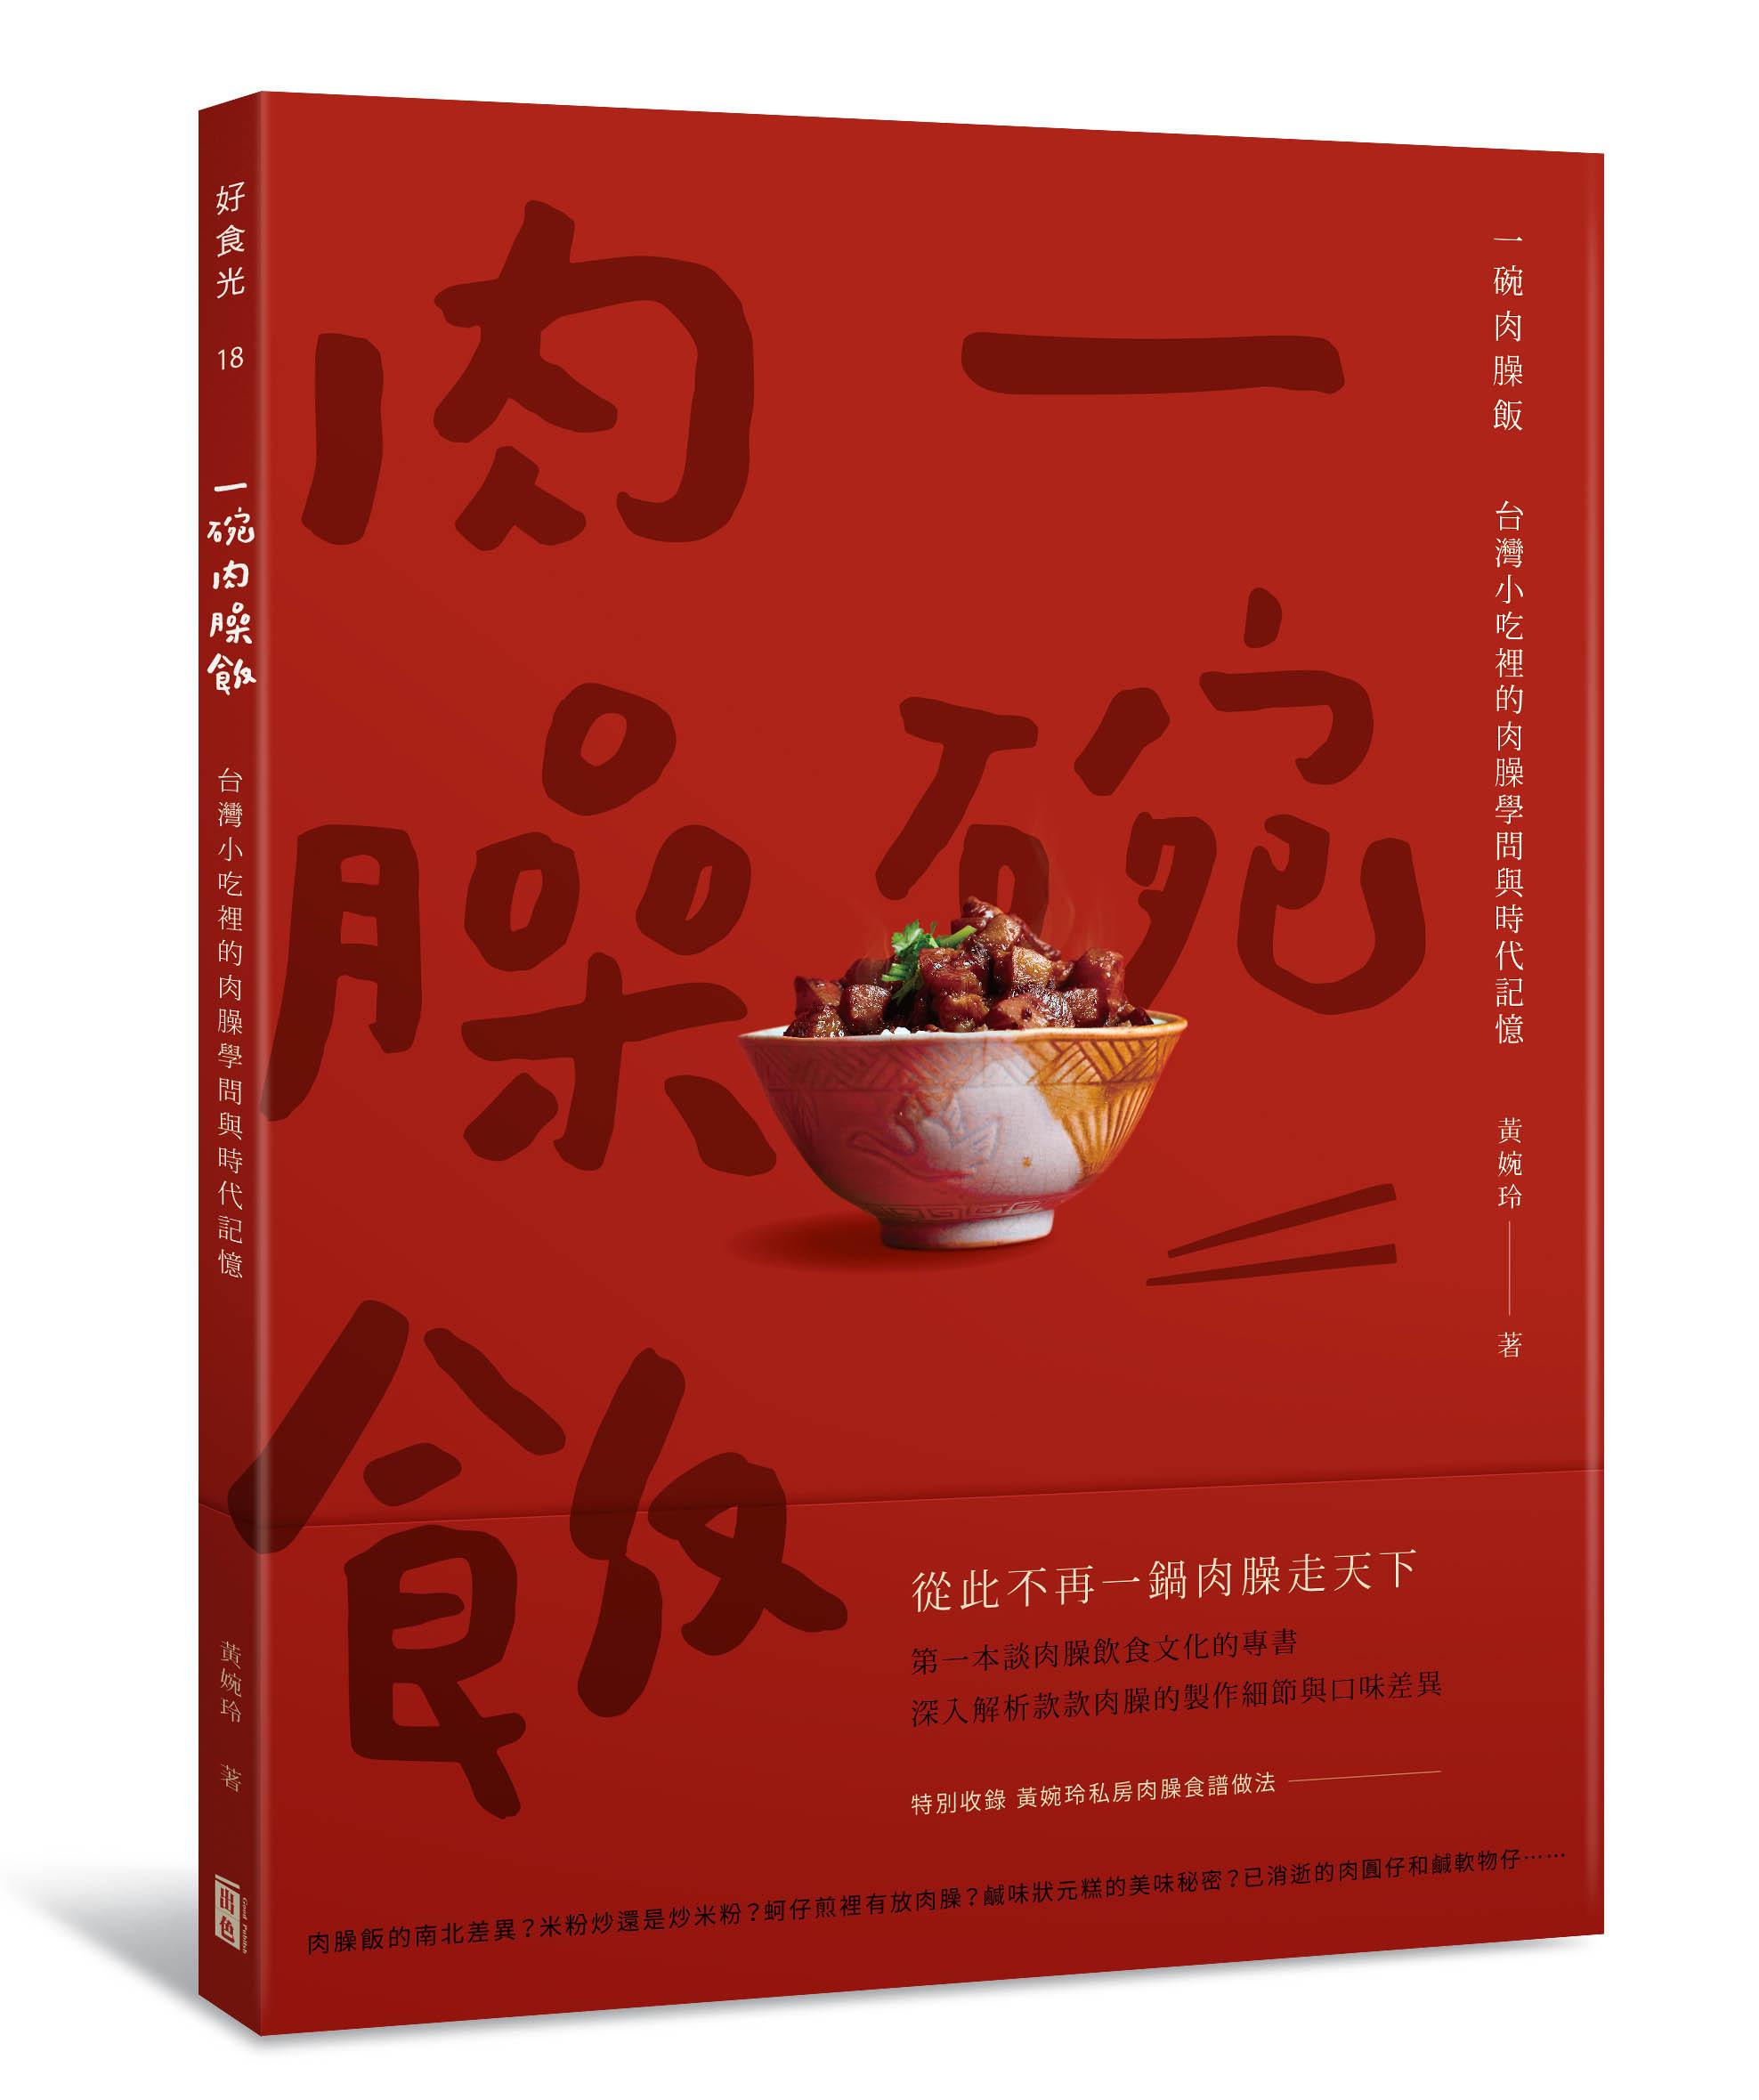 ▲肉燥飯。(圖/出色文化出版)